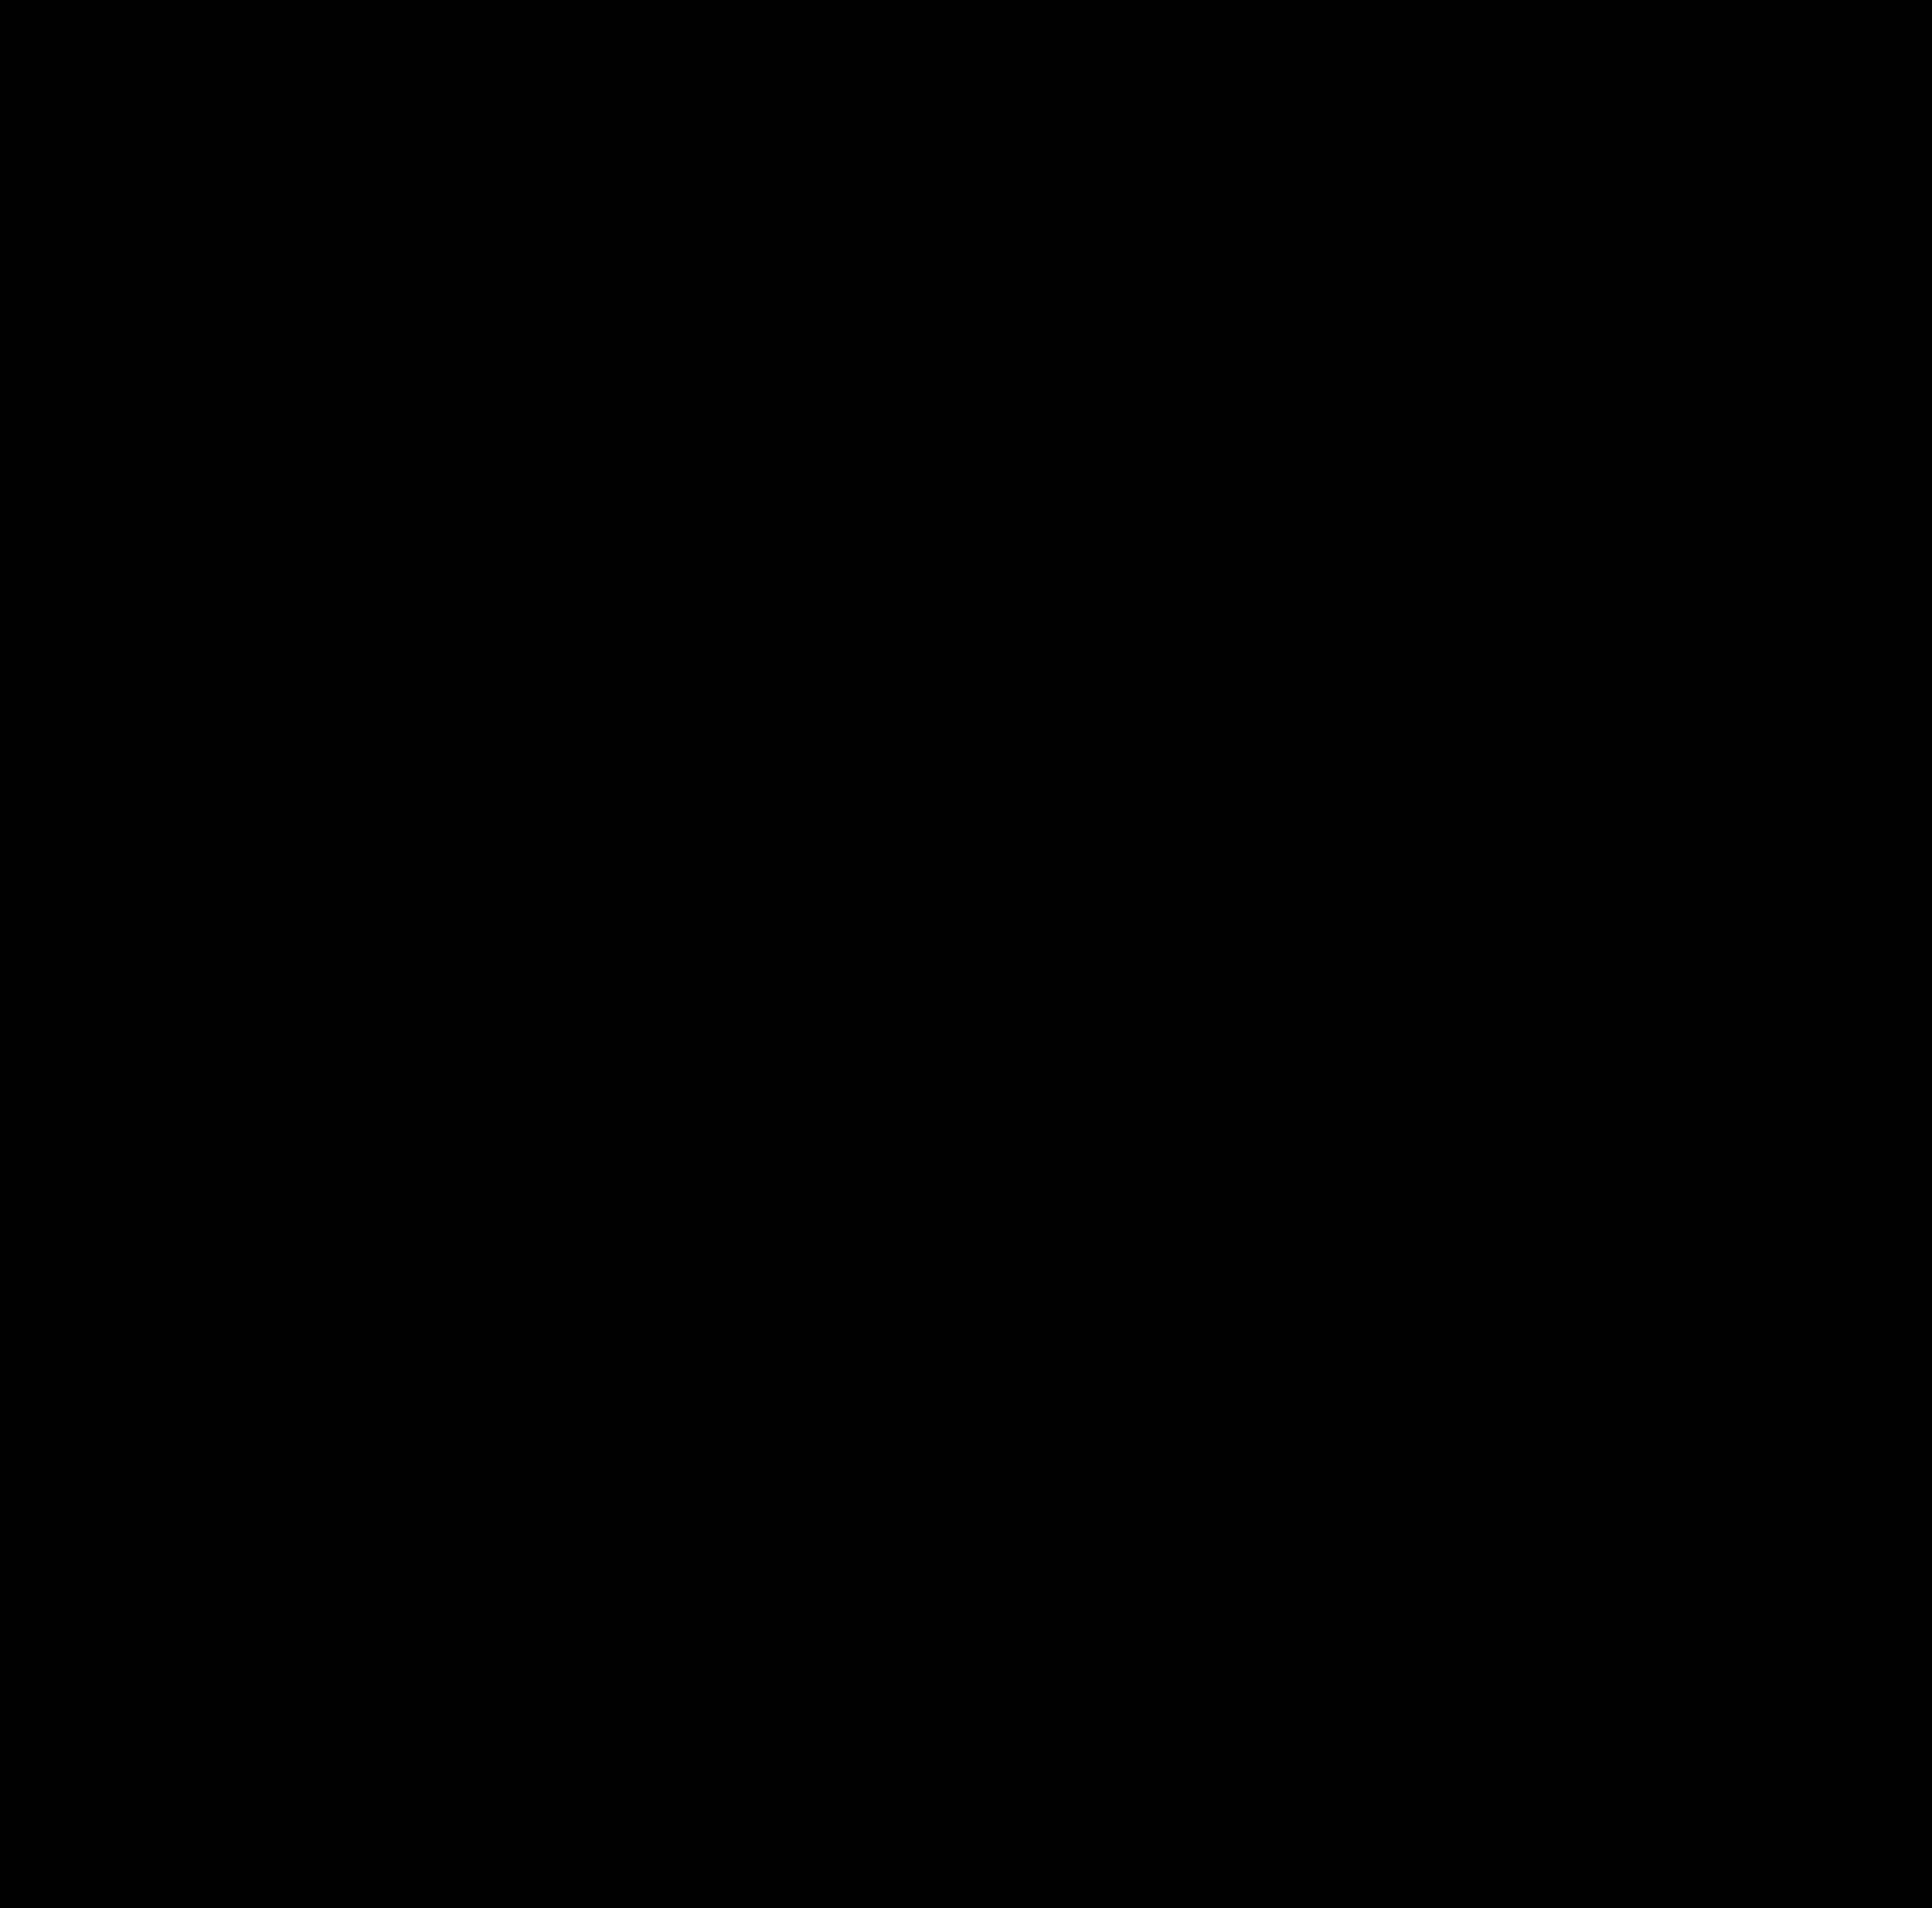 monogram wallpaper for mac